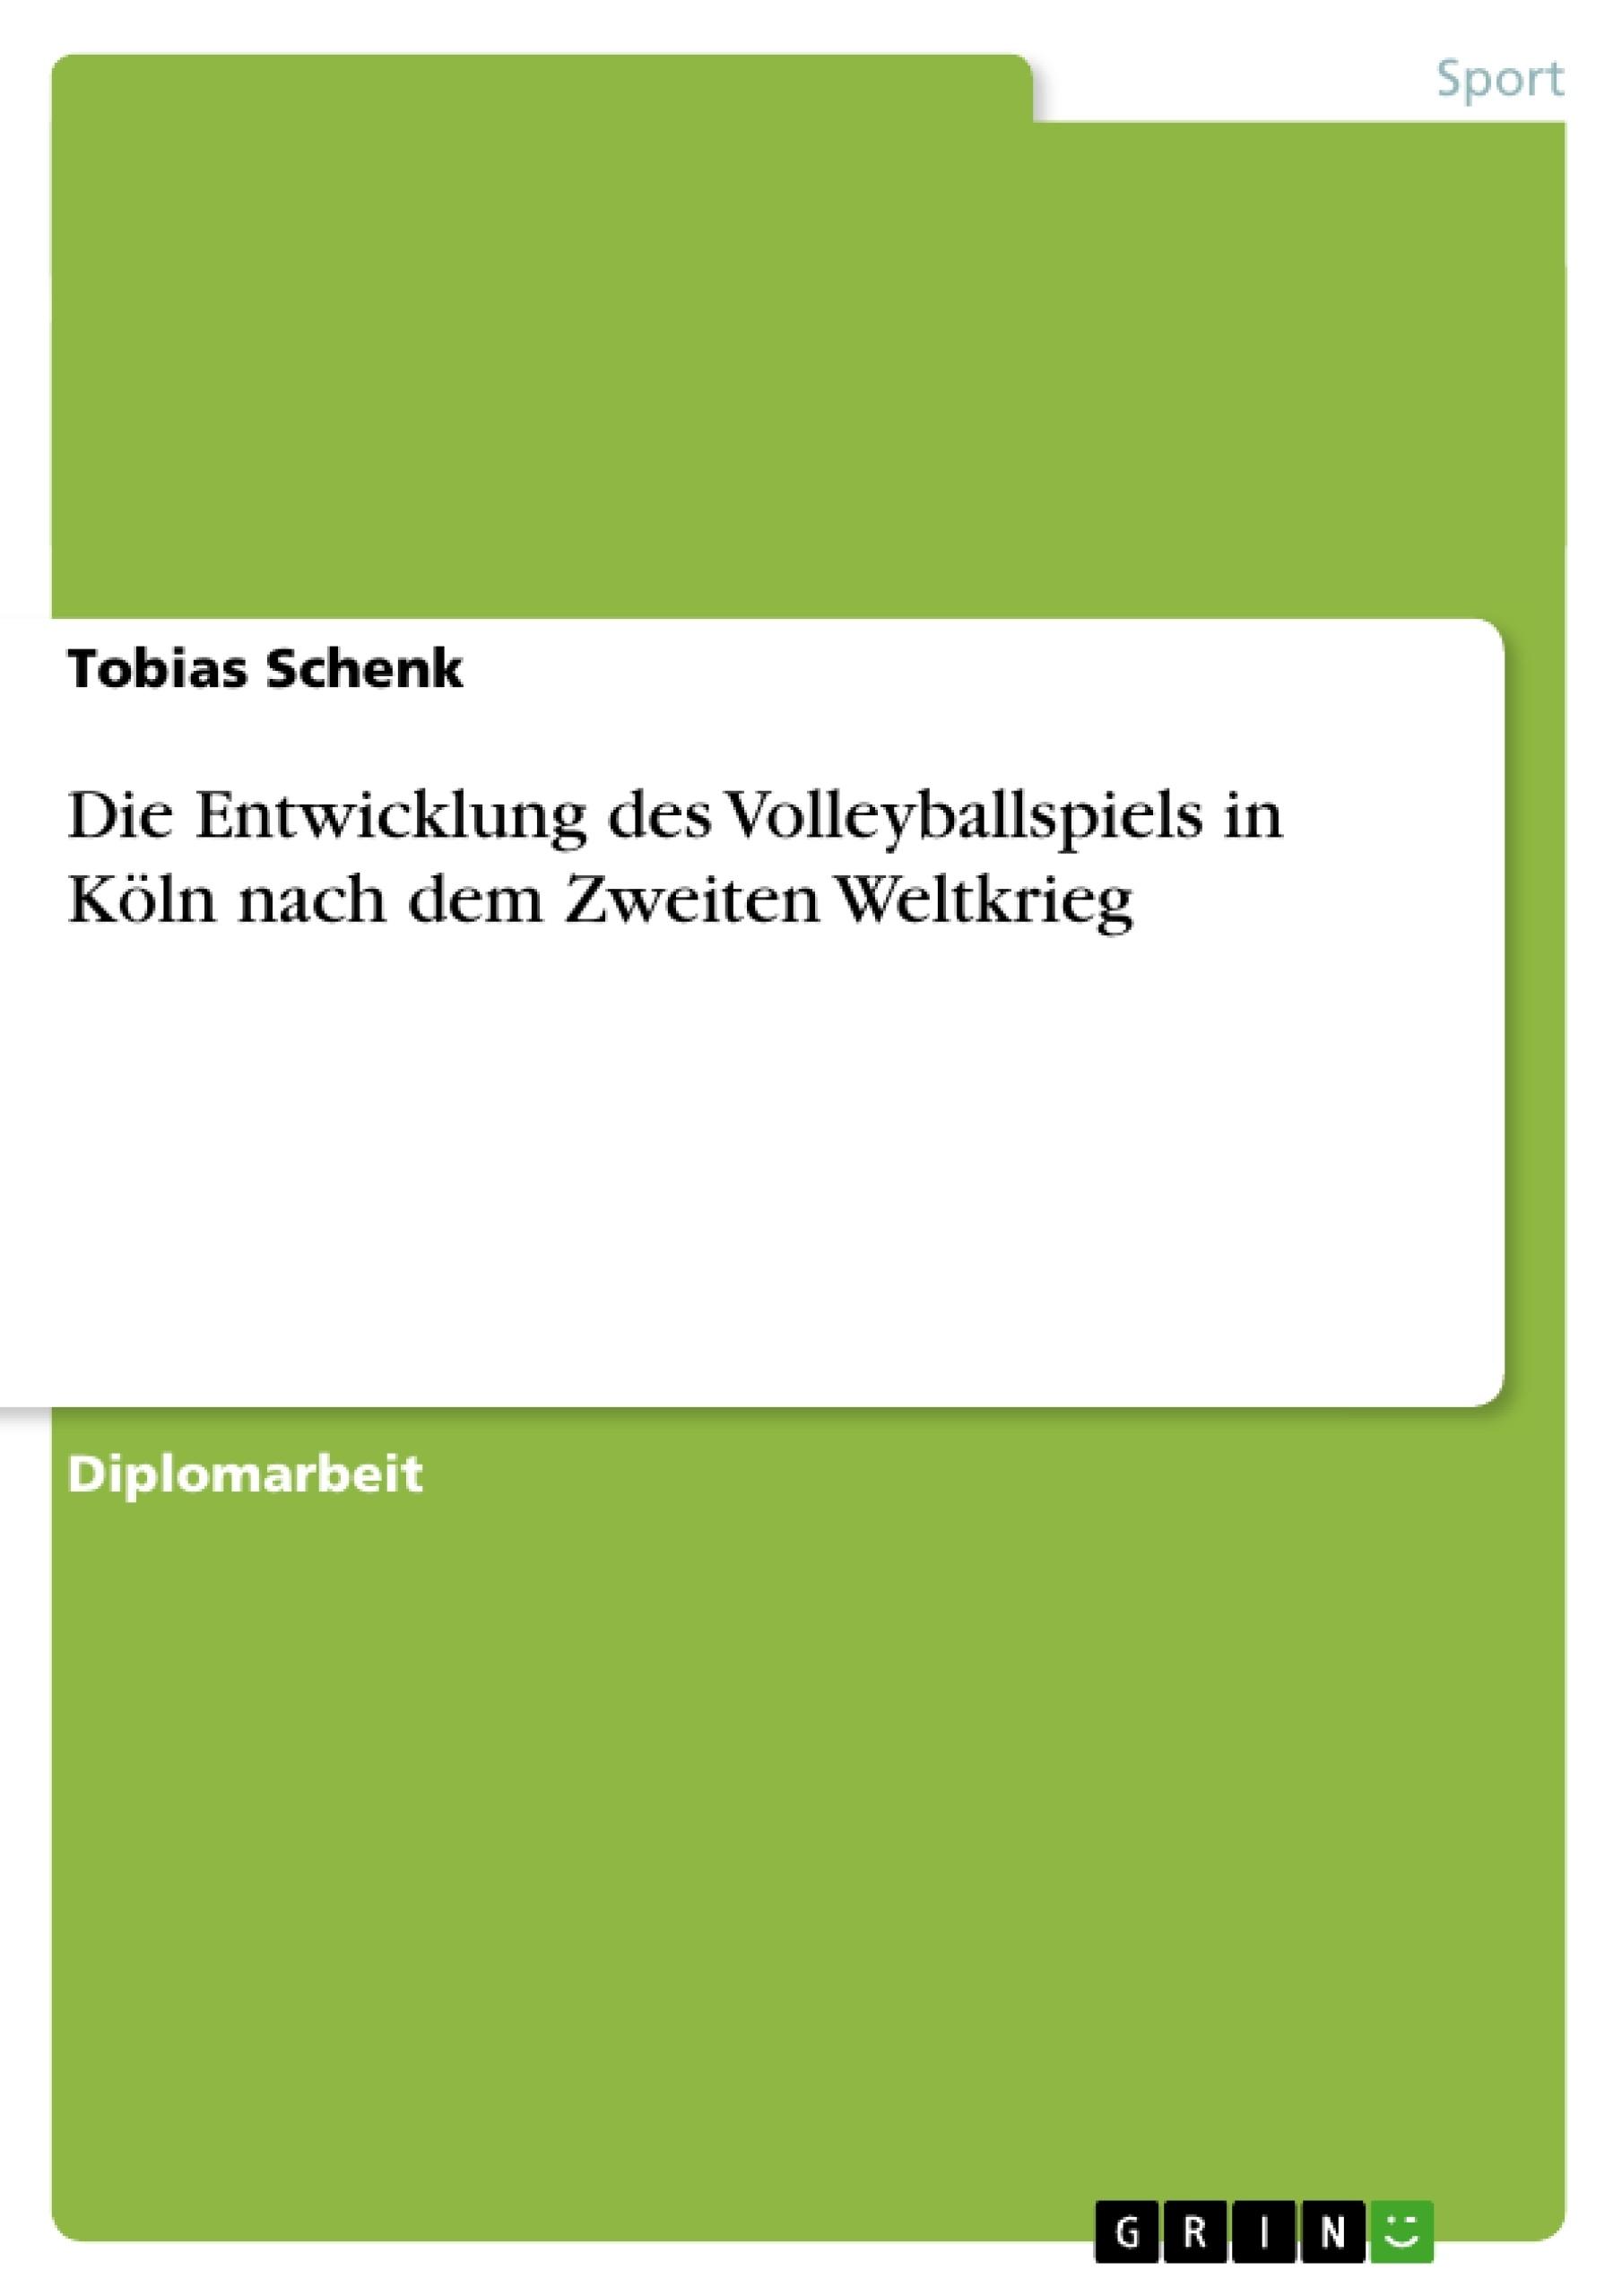 Titel: Die Entwicklung des Volleyballspiels in Köln nach dem Zweiten Weltkrieg